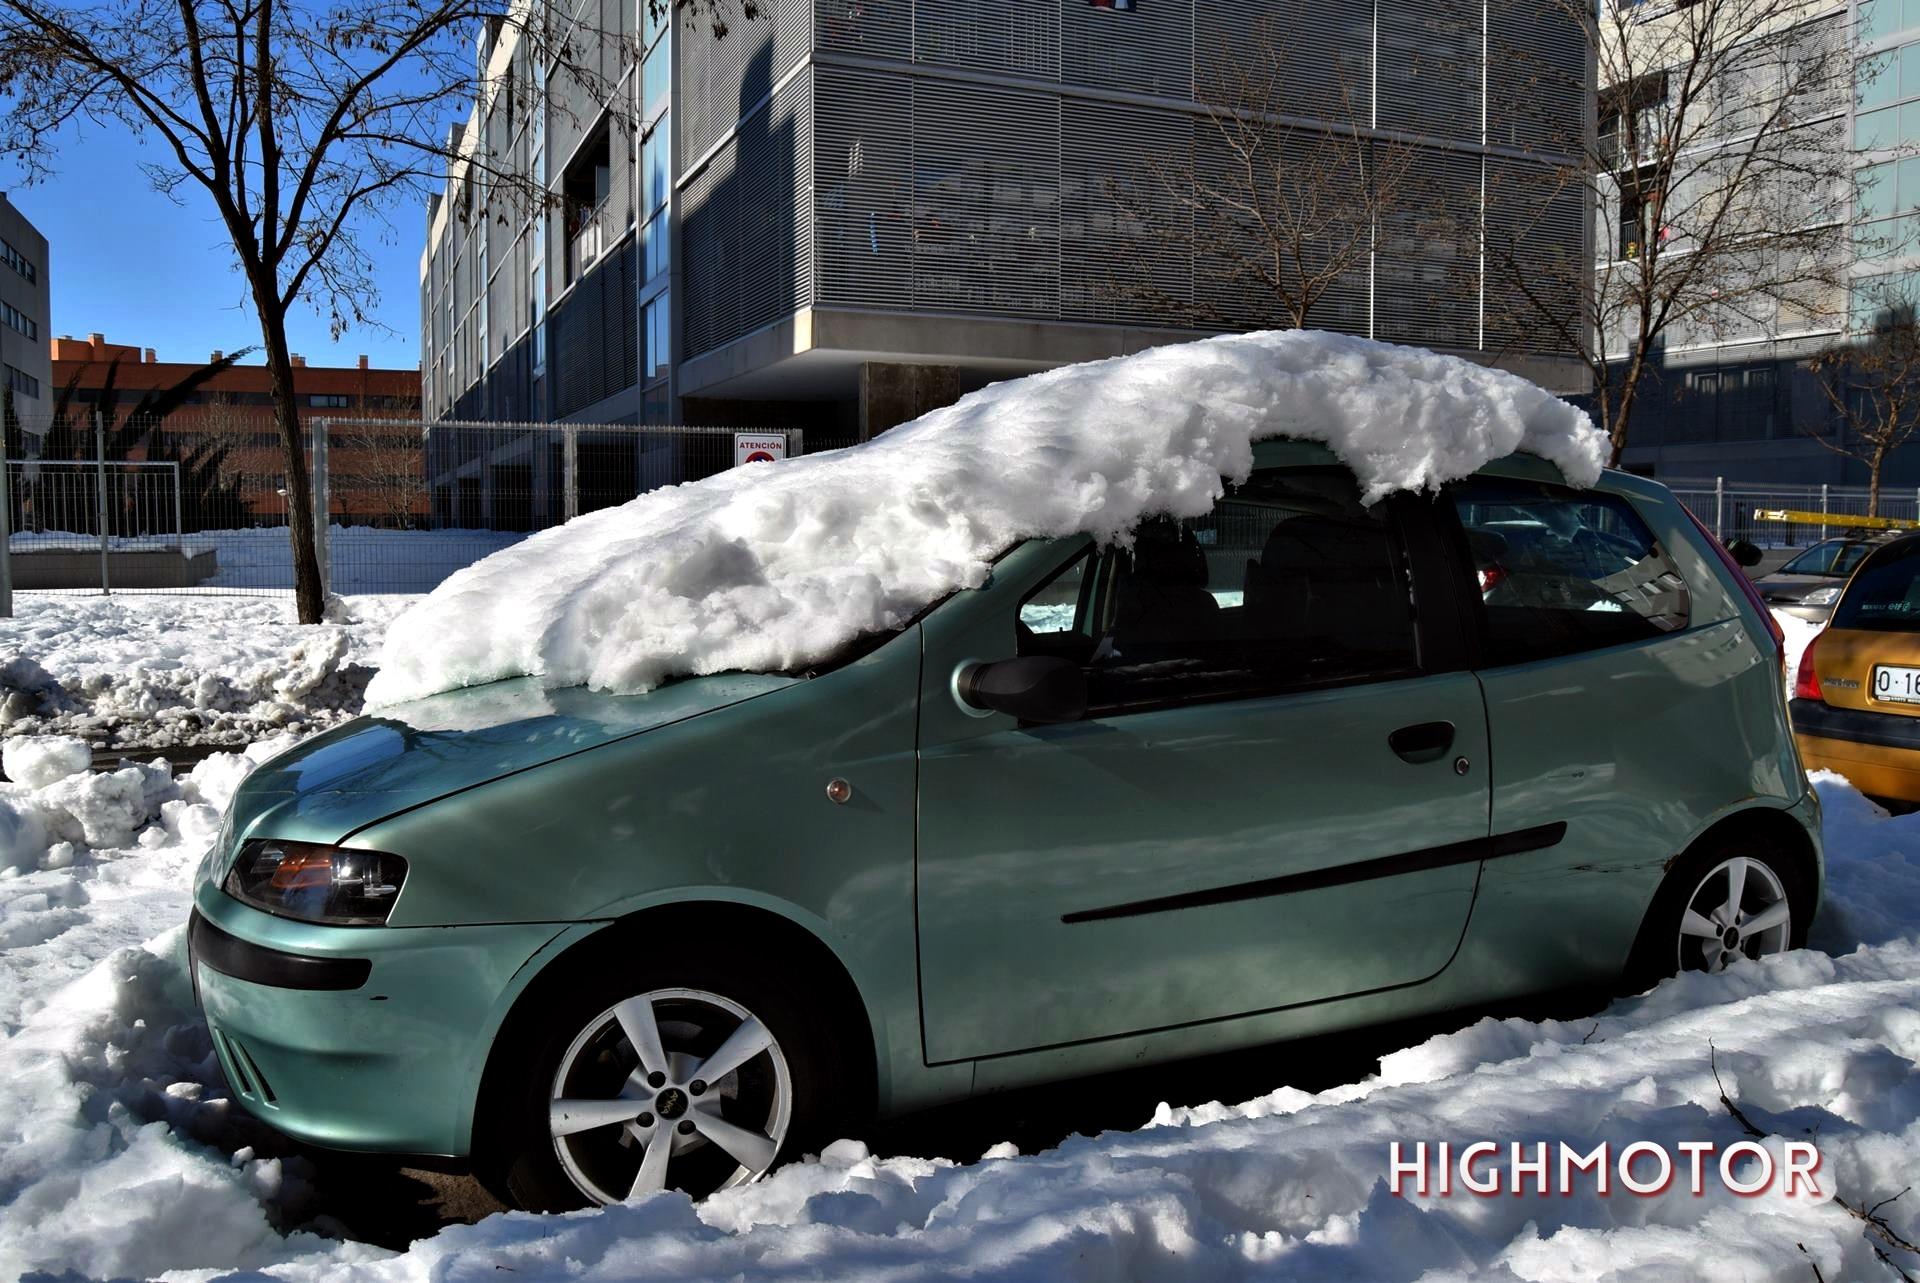 Quitar Nieve Y Hielo Del Coche (2)